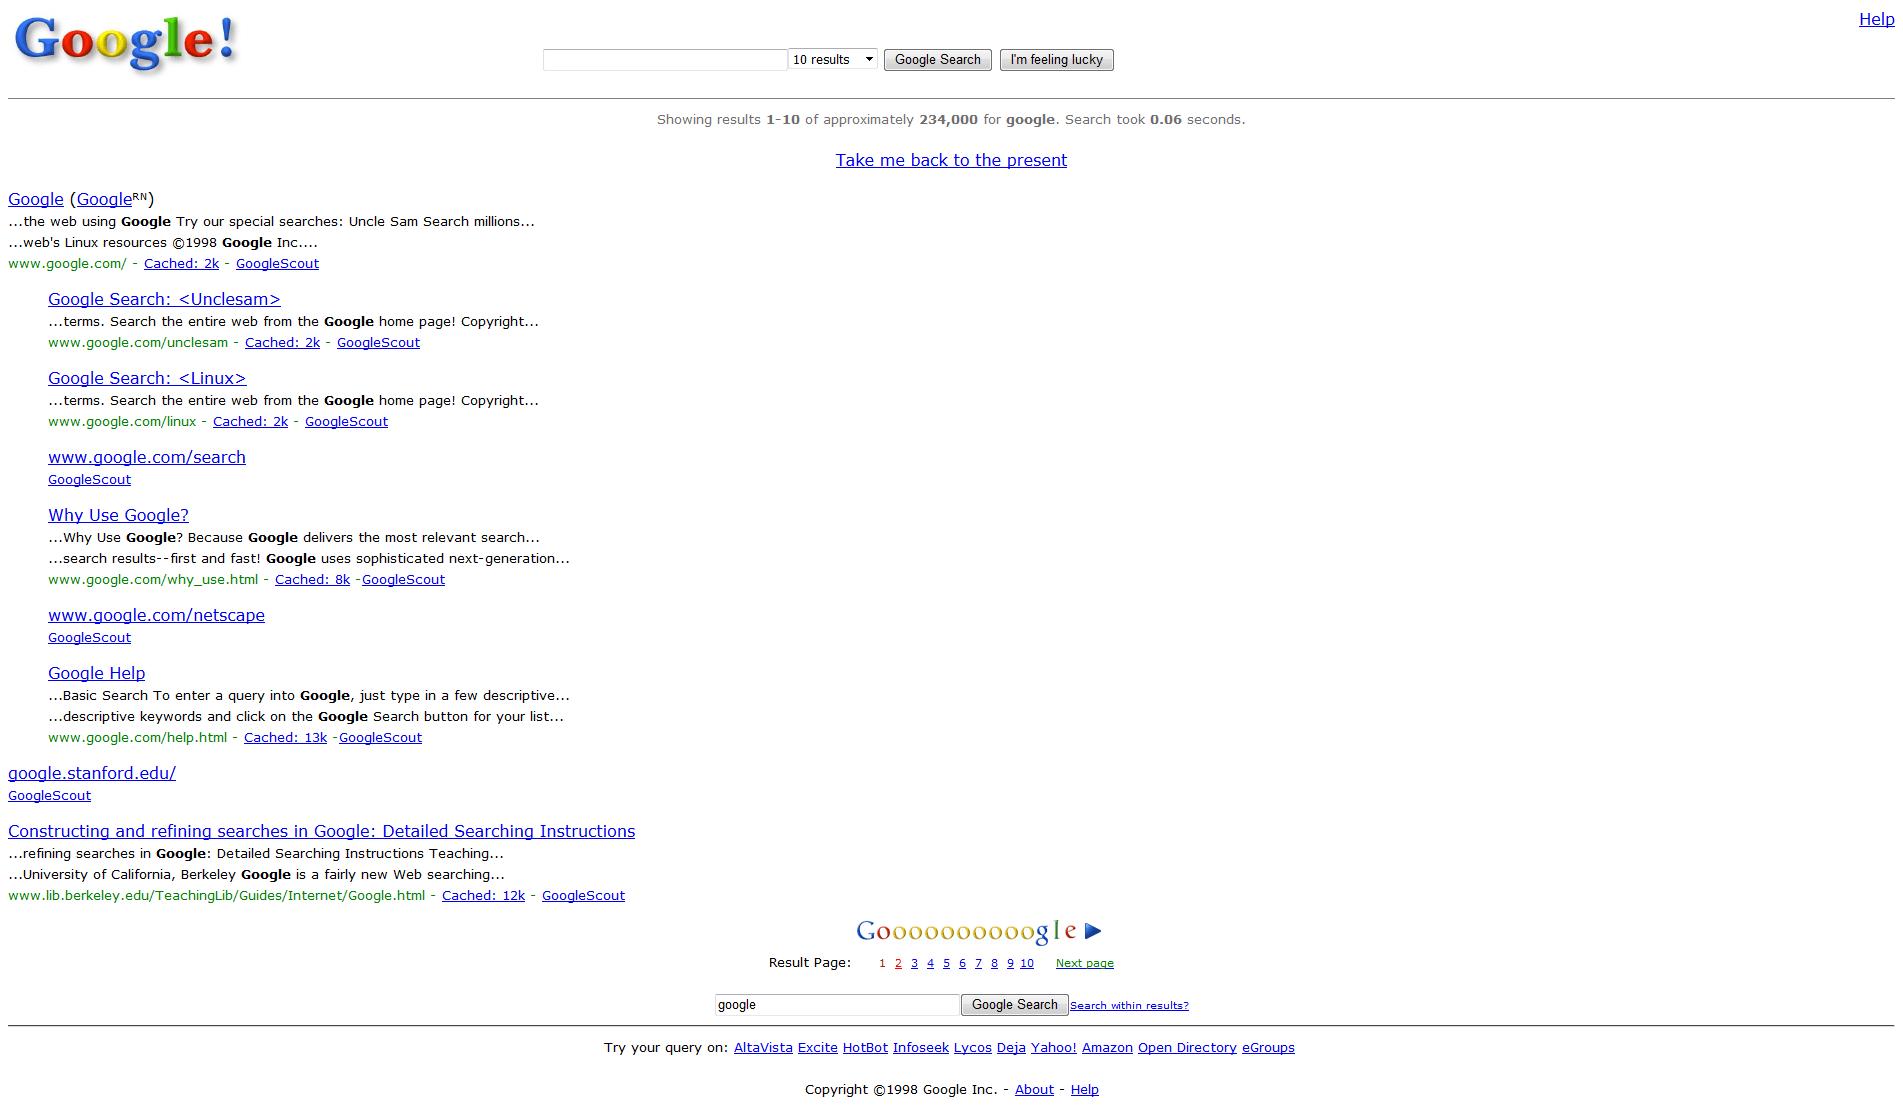 Google-Search im Jahr 1998